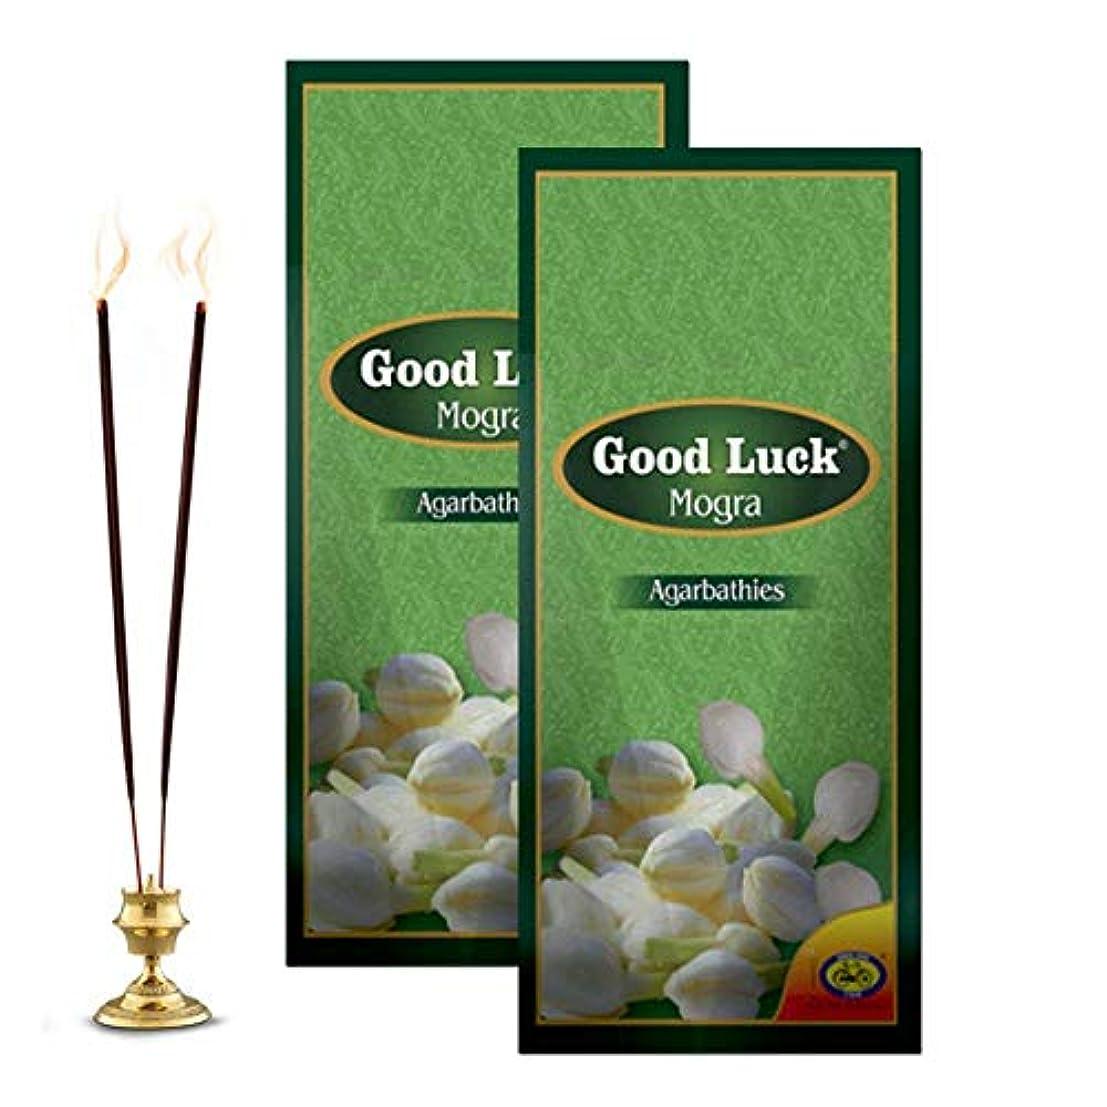 テザーはさみ麦芽Cycle Pure Good Luck Mogra Incense Sticks - Pack of 2